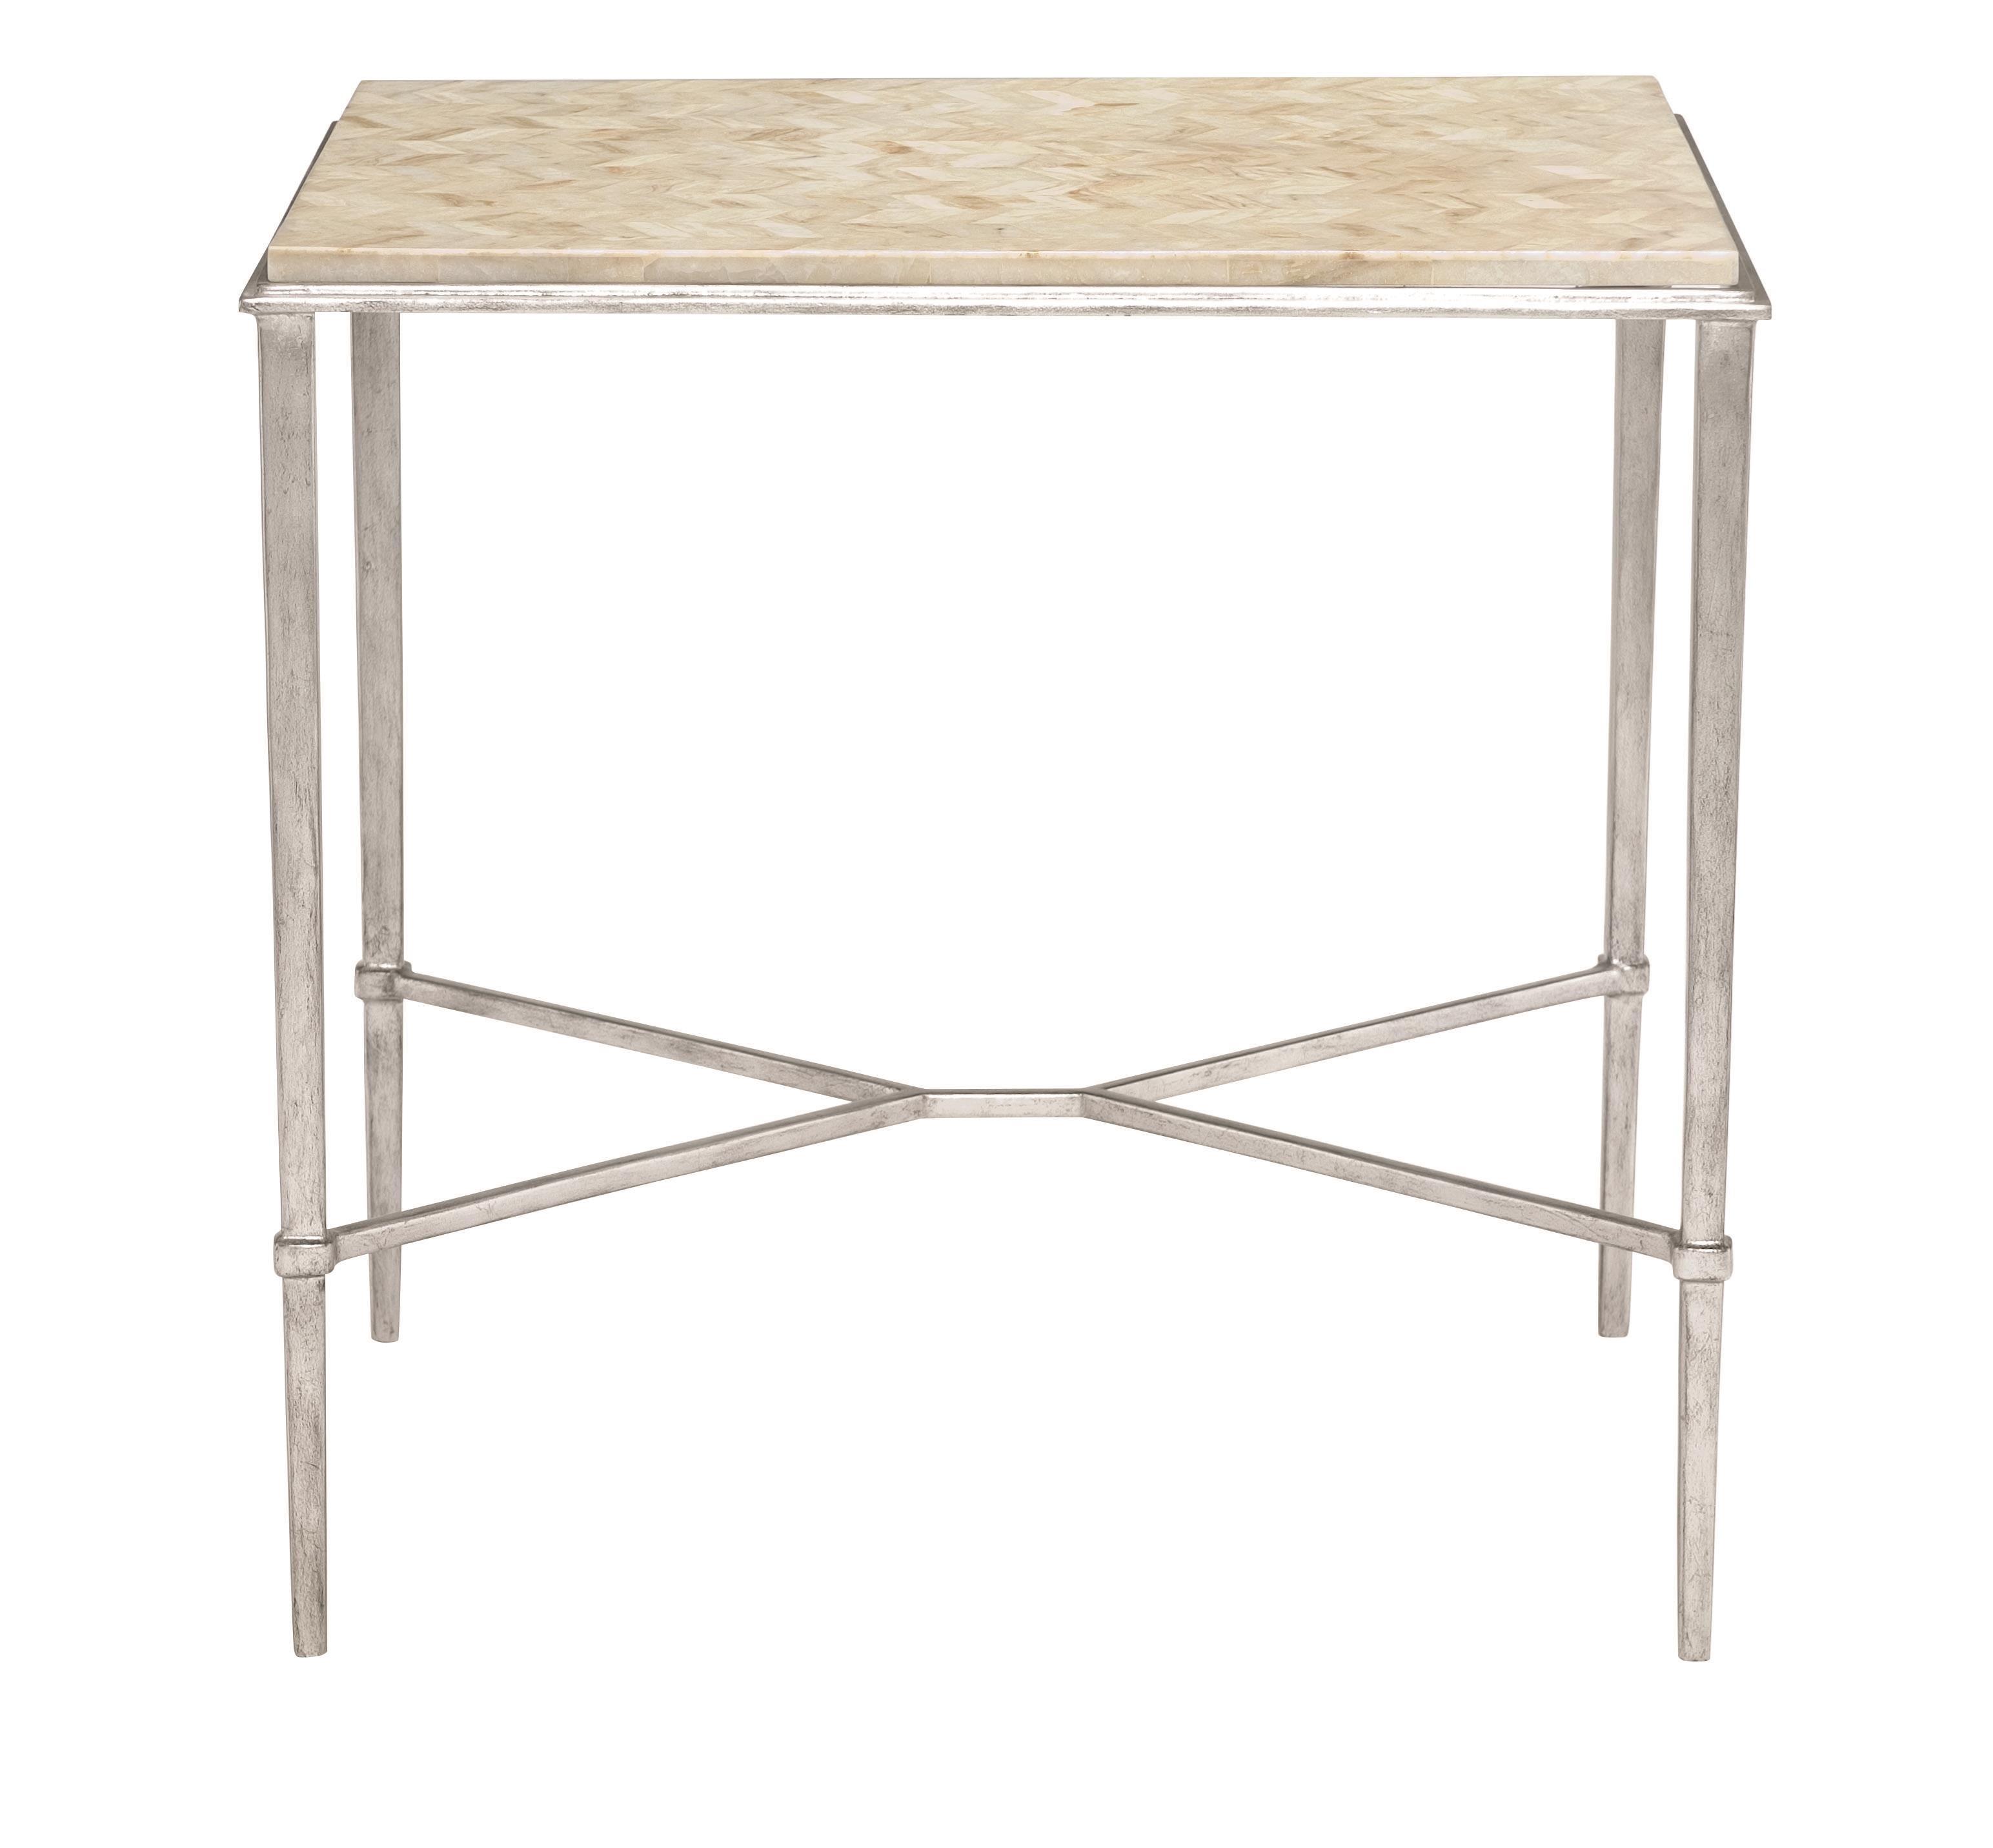 Solange Solange Side Table by Bernhardt at Morris Home